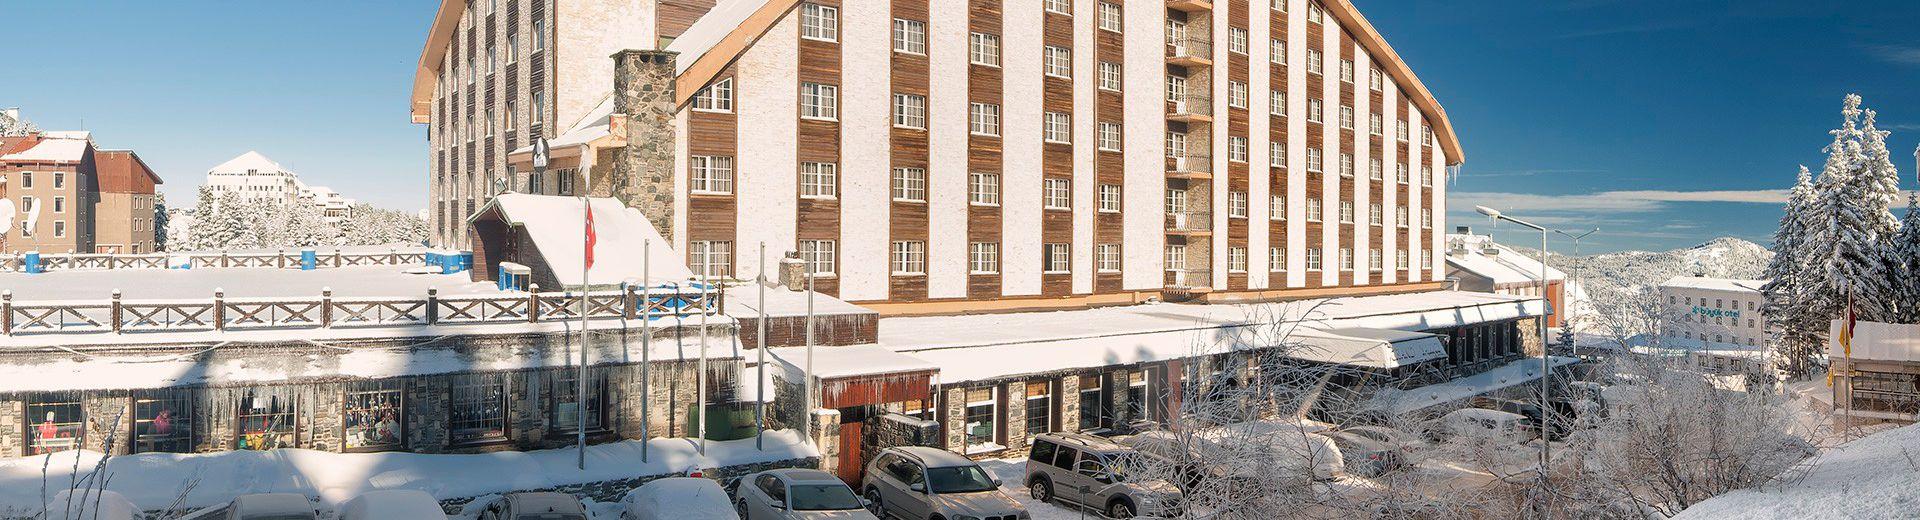 Uludağ Grand Yazıcı Otel'de 4 Gece Konaklamalı Uludağ Sömestre Kayak Turu